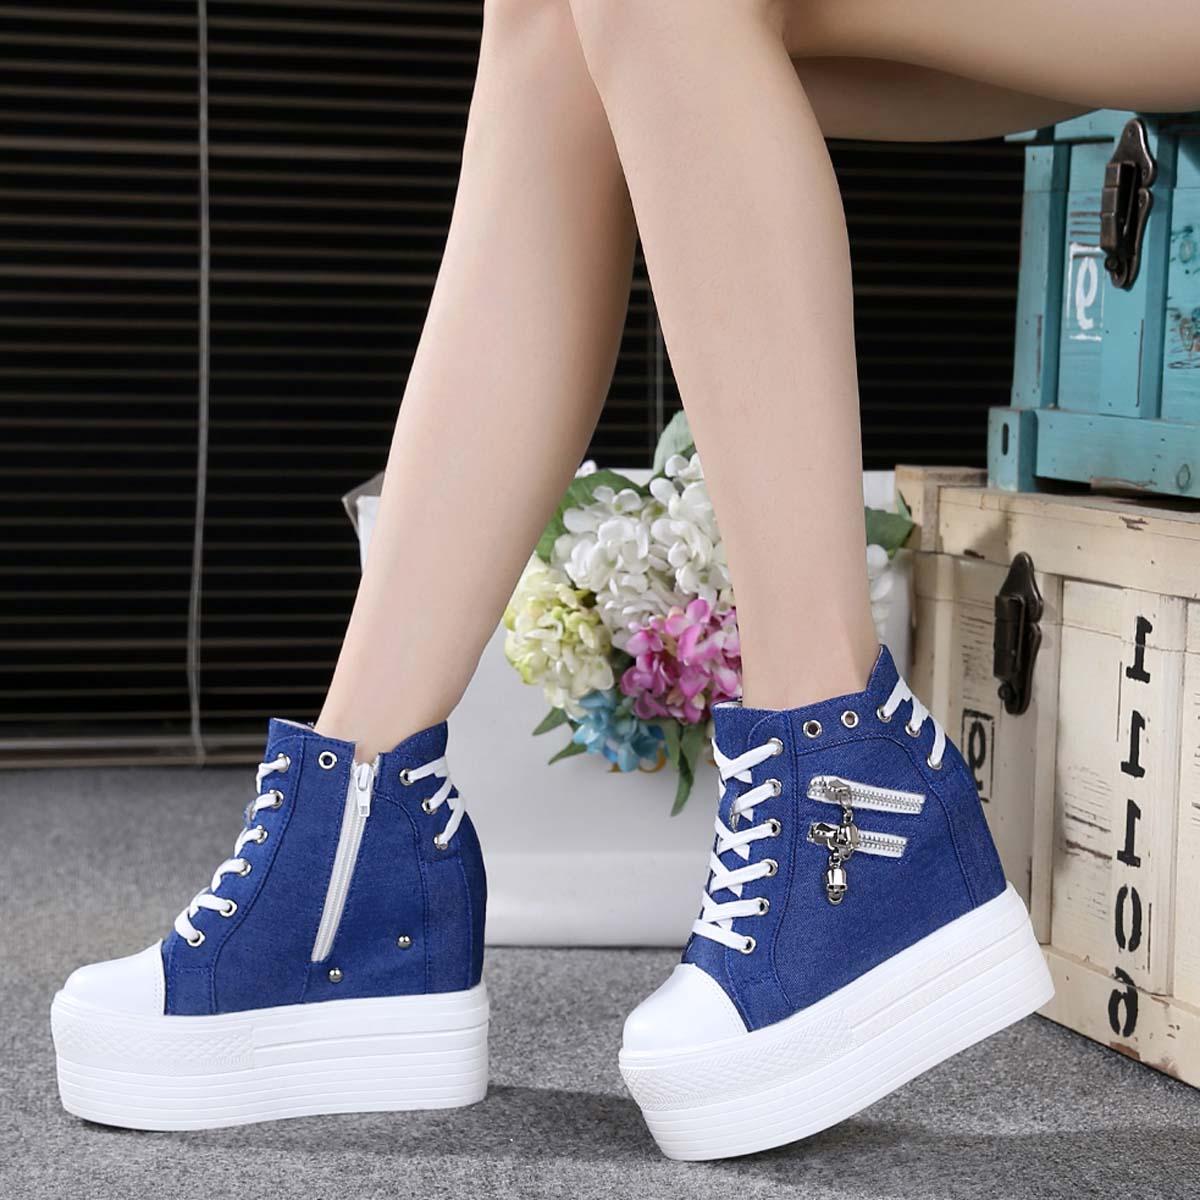 Mùa xuân và mùa thu mới trắng siêu cao gót giày của phụ nữ dày dưới miếng bọt biển bánh bên trong dây kéo phía vải cao-top giày thường